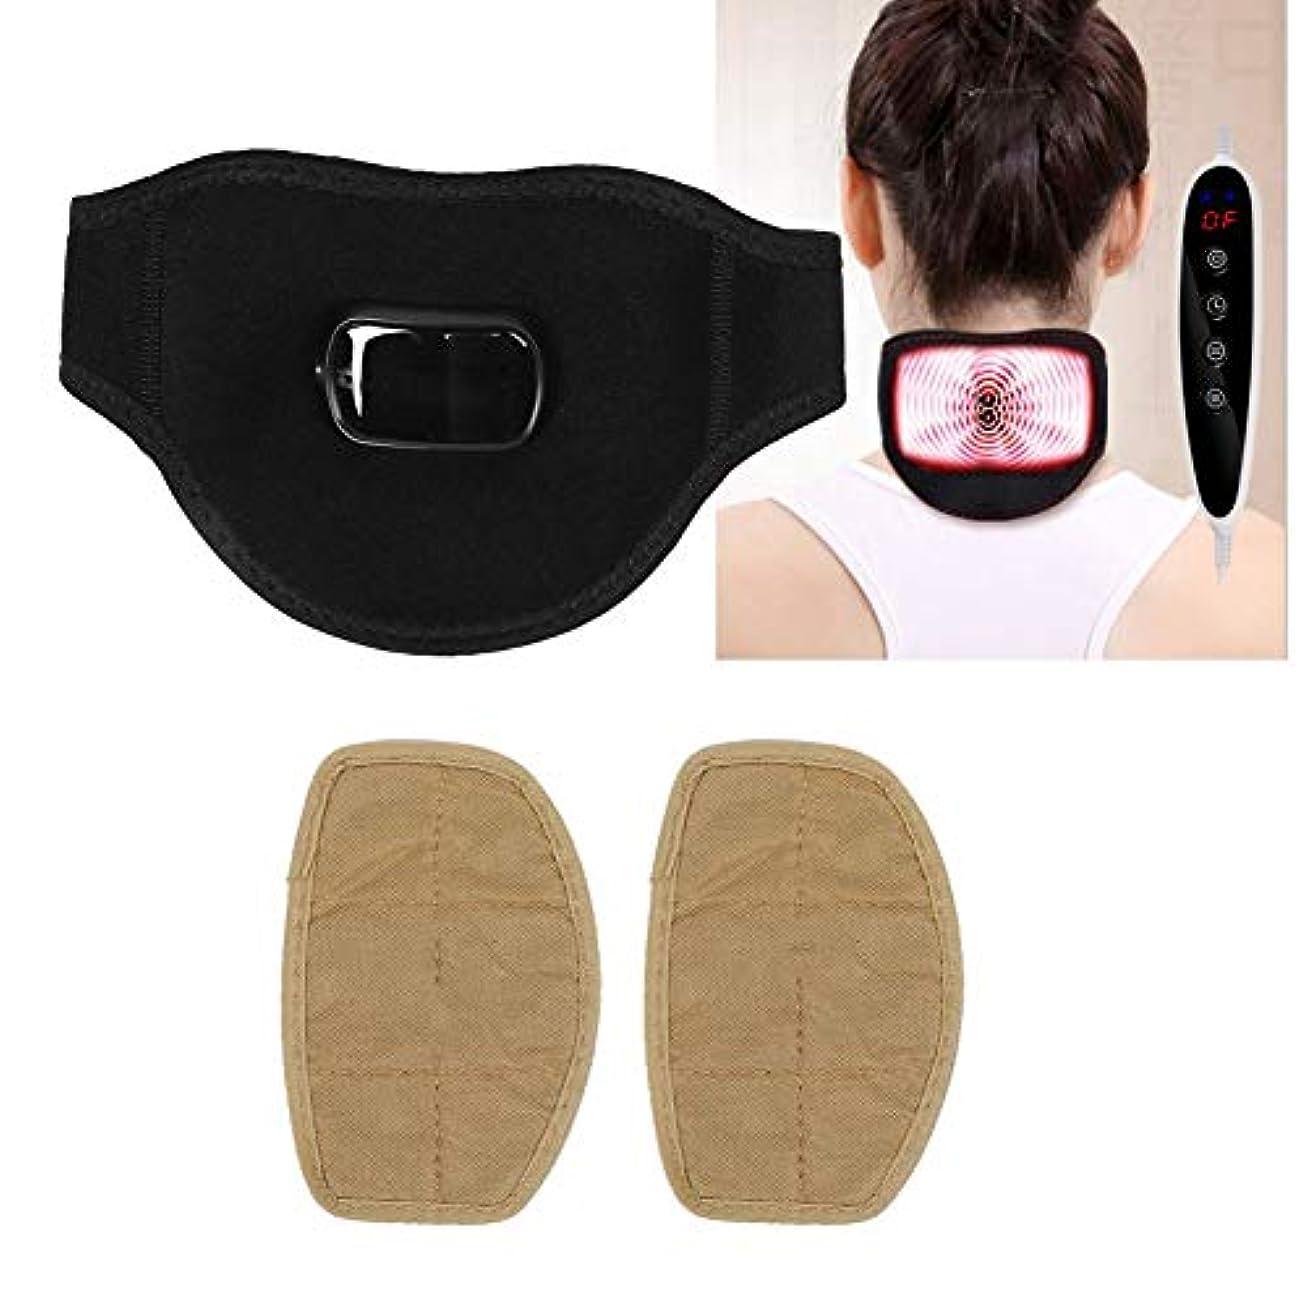 広大な発火するホール電動肩マッサージャー、USBヘルスを加熱するためのm付きの温かい首サポート、首の損傷または痛みに適しています